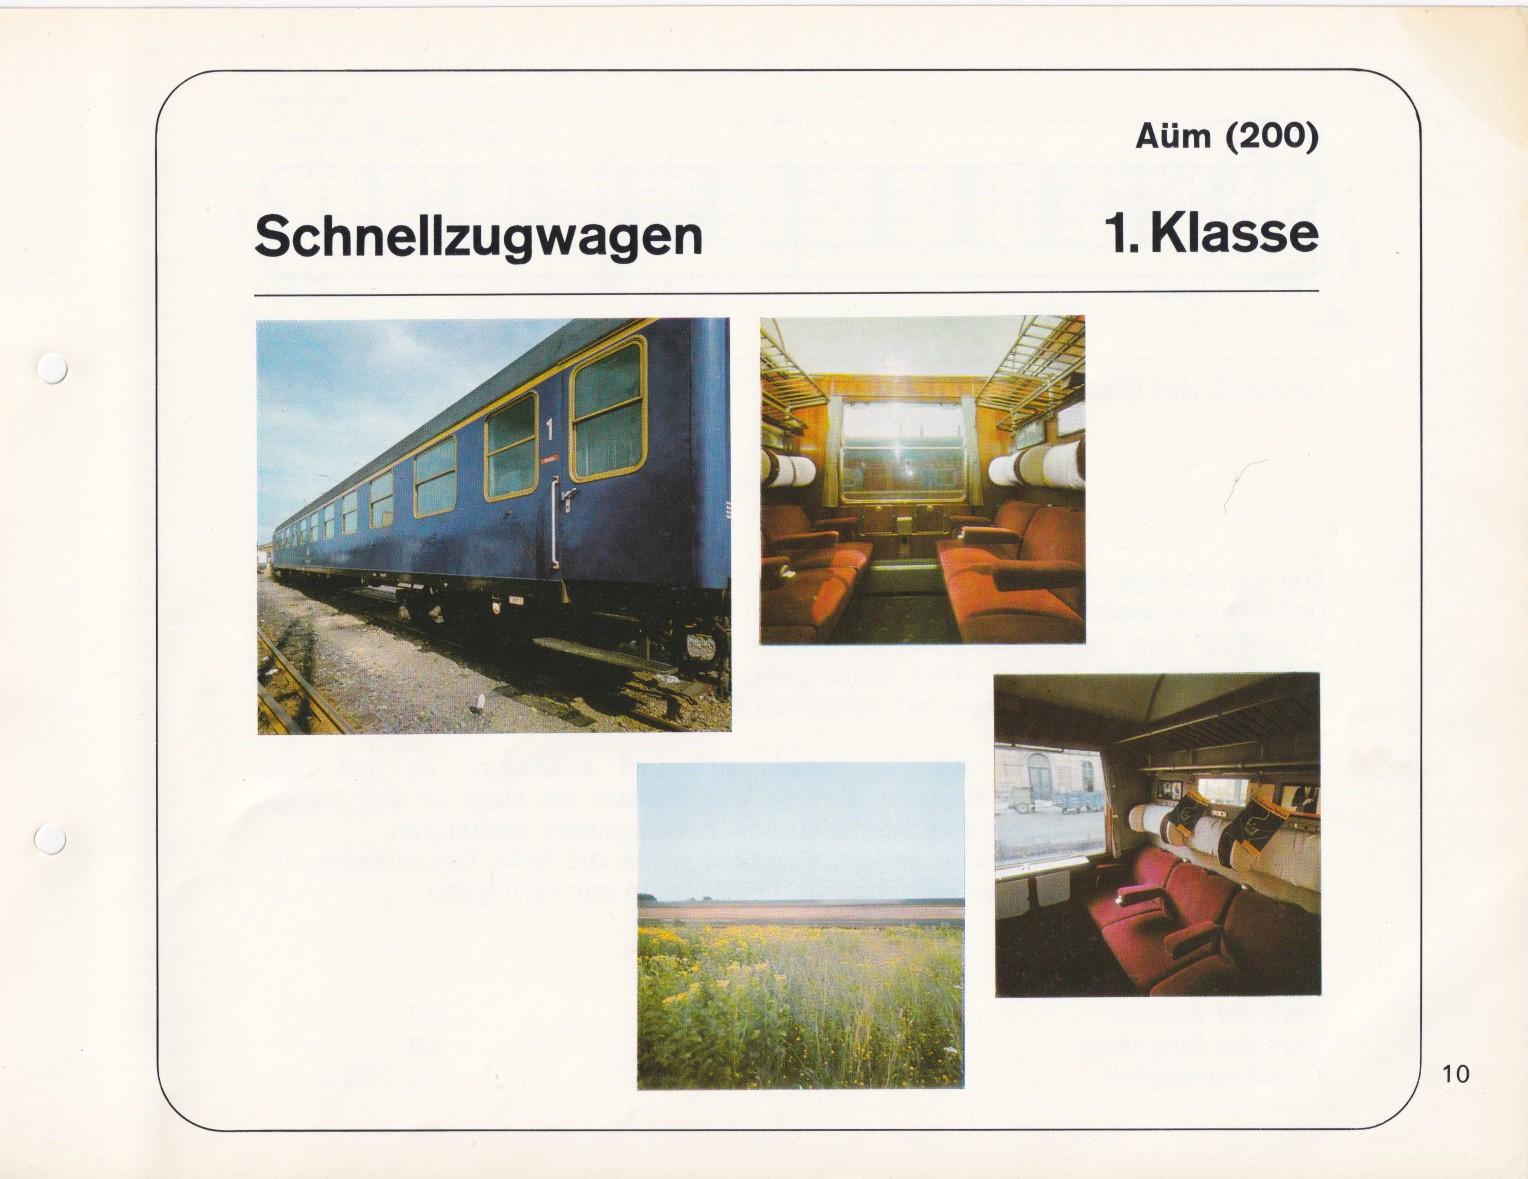 https://www.nullclub.de/hifo/Fahrzeuglexikon/Wagen10a.jpg